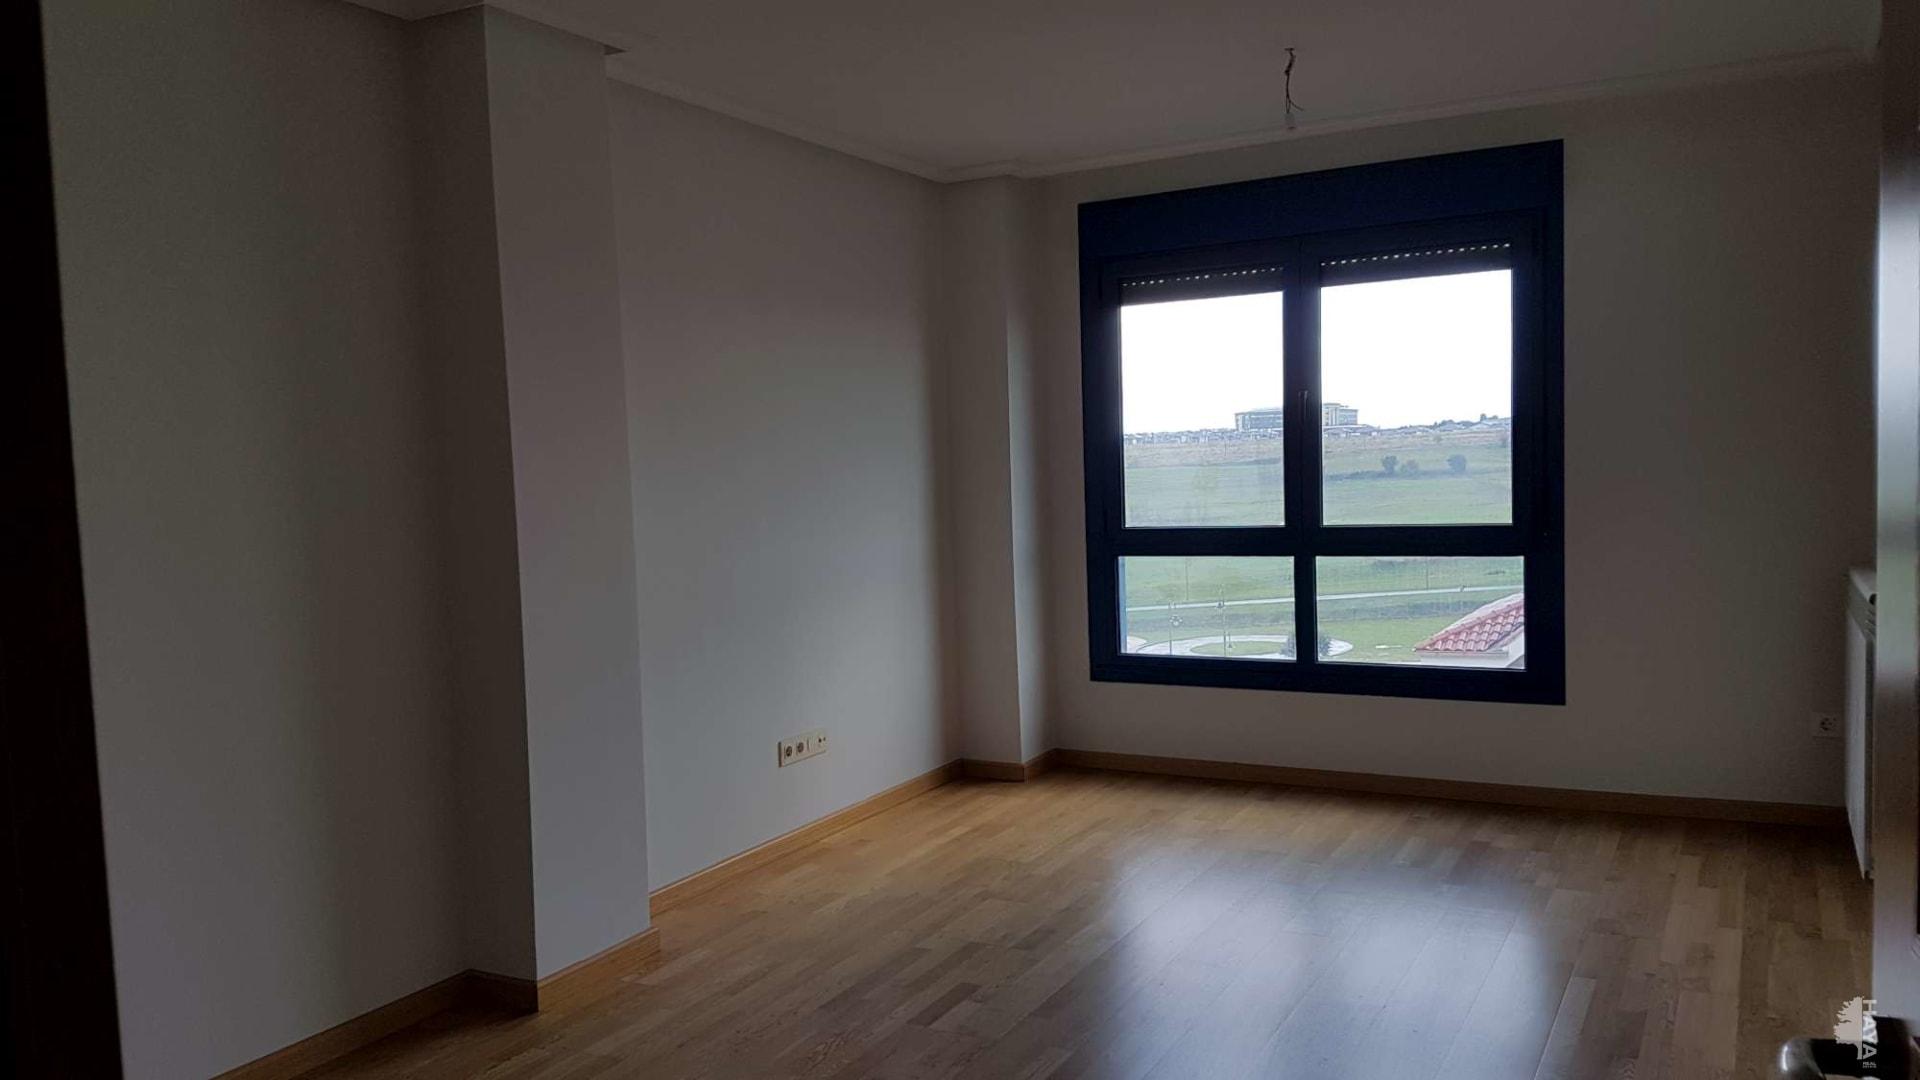 Piso en venta en Favila, Corvera de Asturias, Asturias, Calle Manzano Del, 97.000 €, 2 habitaciones, 1 baño, 75 m2